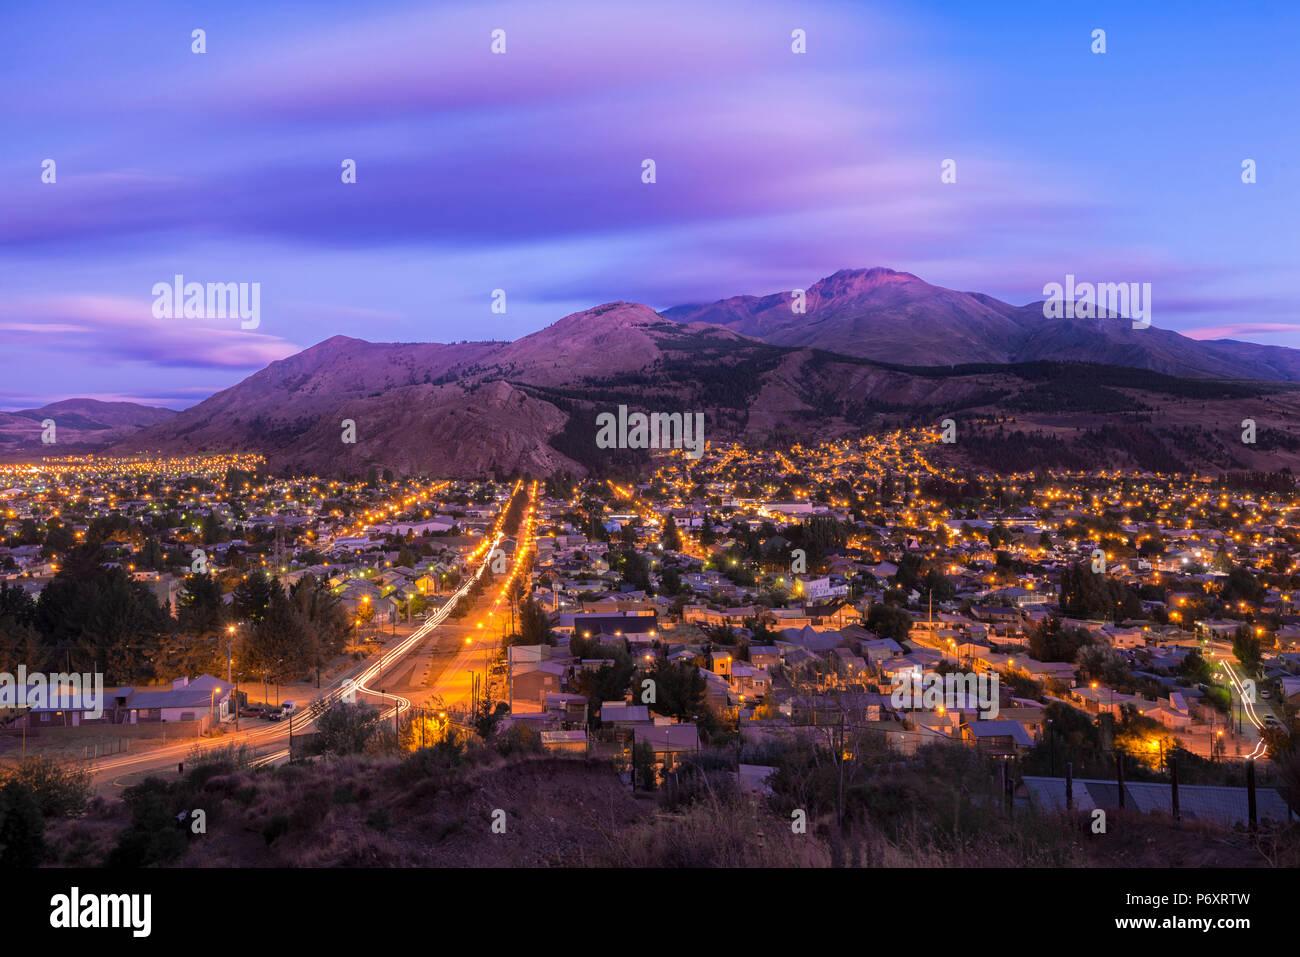 L'Amérique du Sud, Argentine, Patagonie, Rio Negro, Esquel la nuit Photo Stock